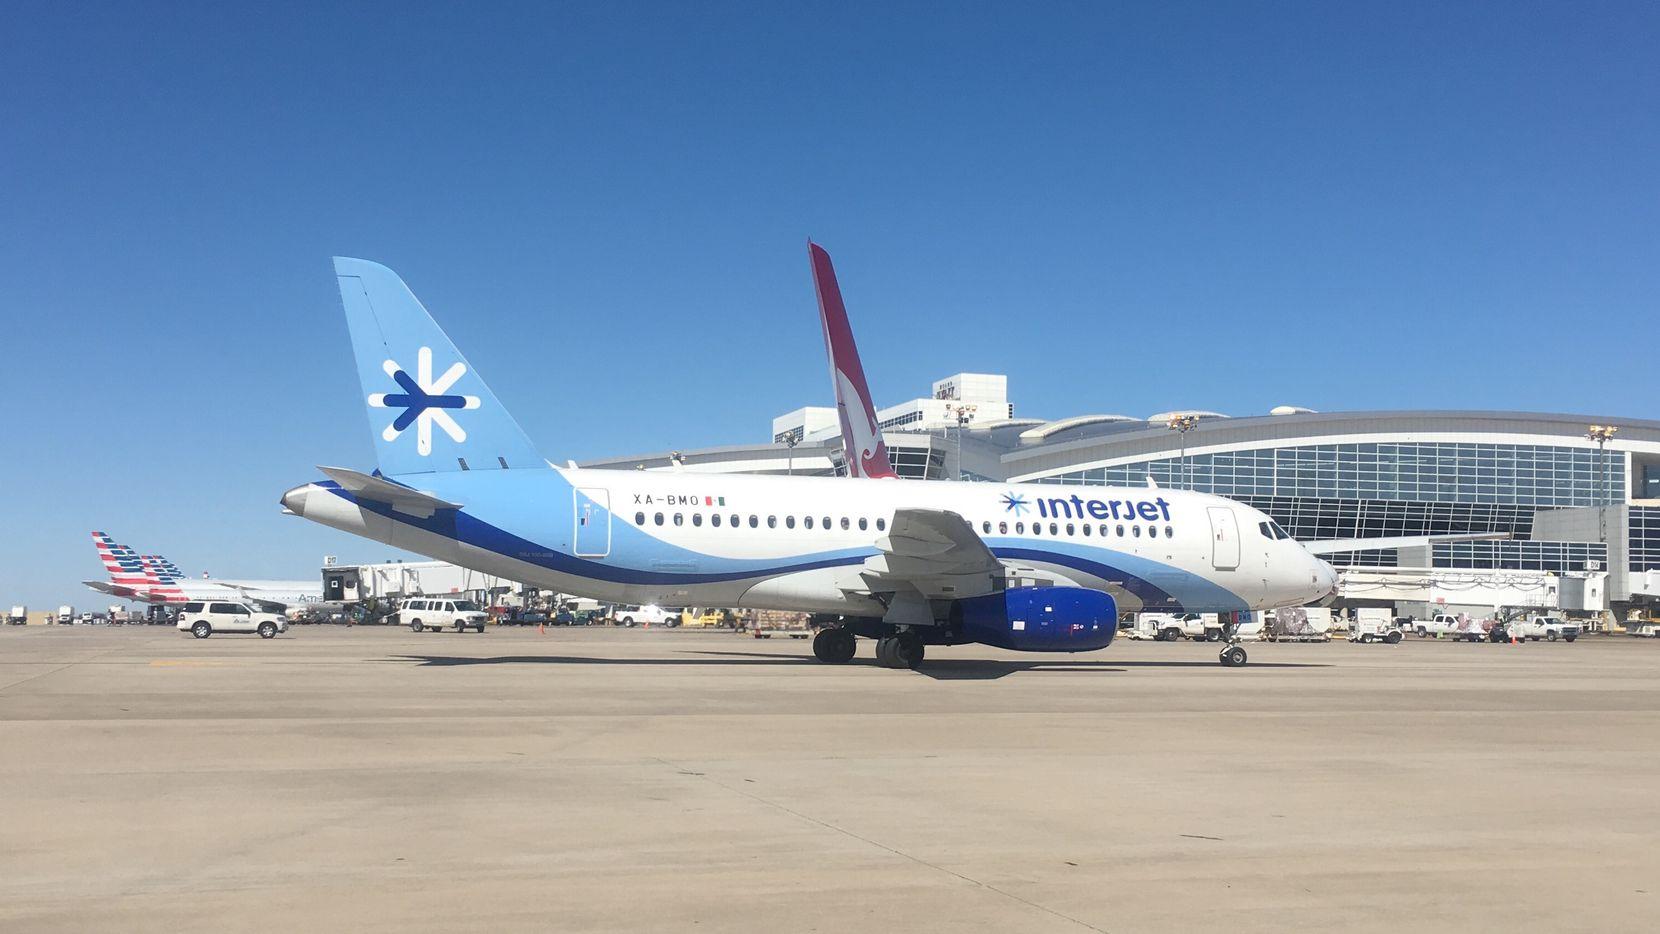 La aerolínea mexicana Interjet comenzó a operar esta semana un vuelo desde D/FW a la Ciudad de México. KARINA RAMÍREZ/AL DÍA